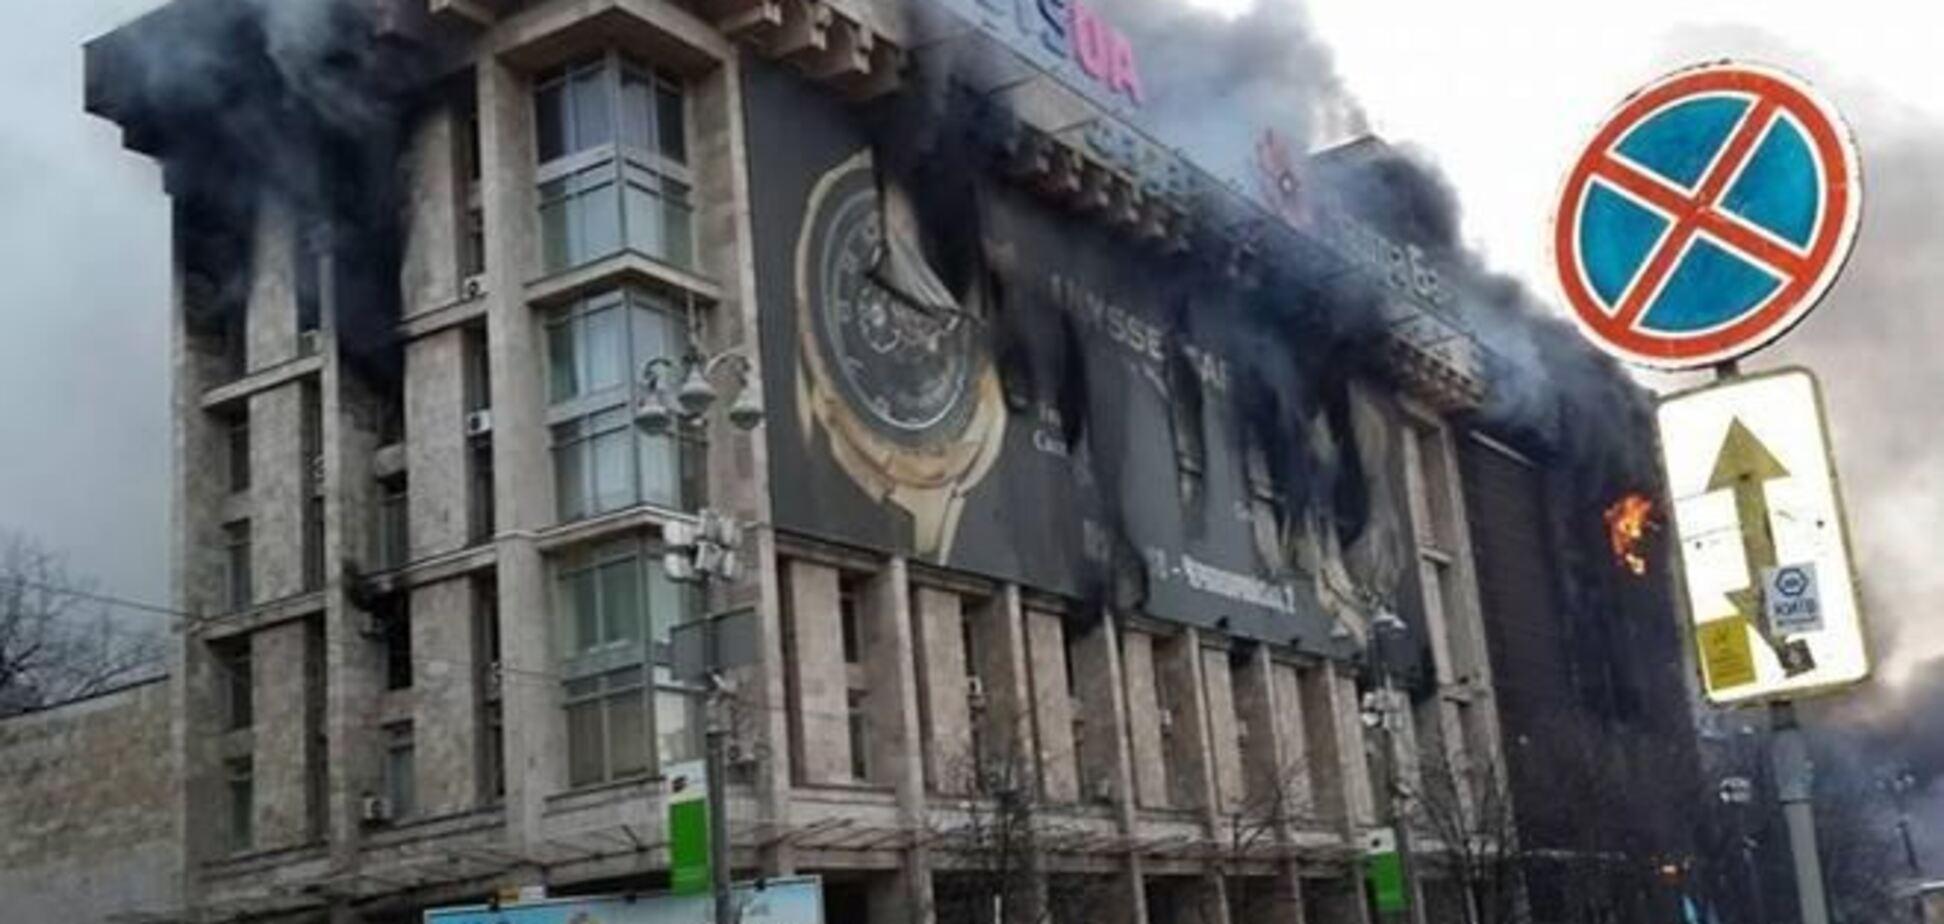 Кличко не исключает сноса Дома профсоюзов на Майдане